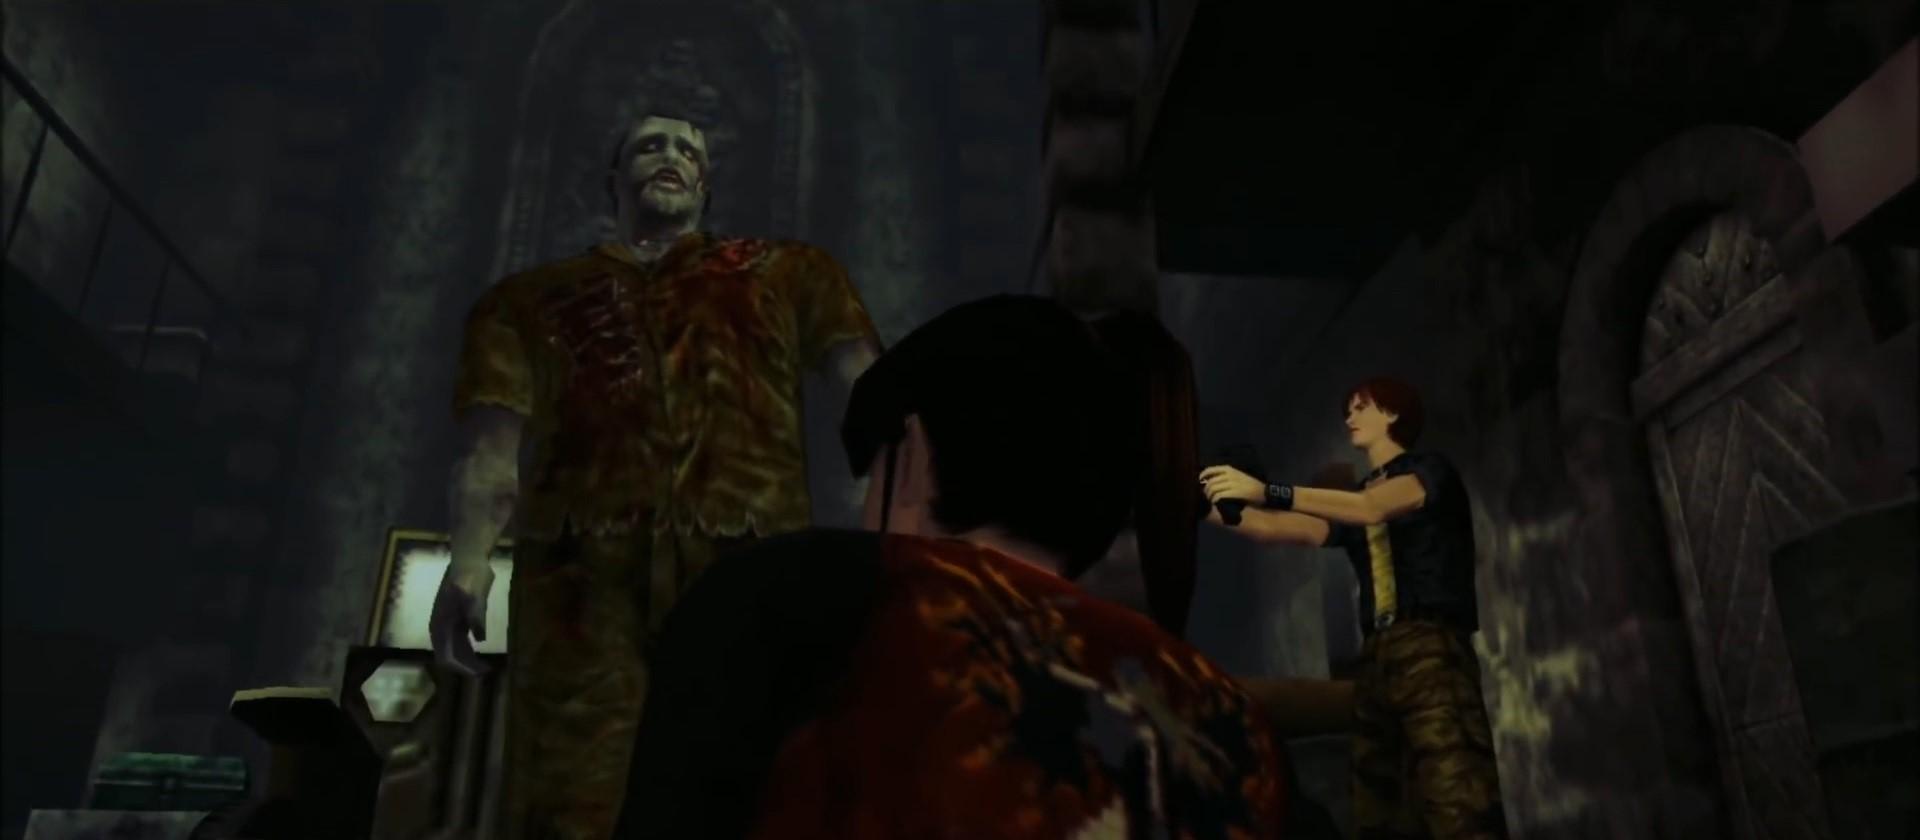 バイオコードベロニカ スティーブがゾンビ化した父を撃つ